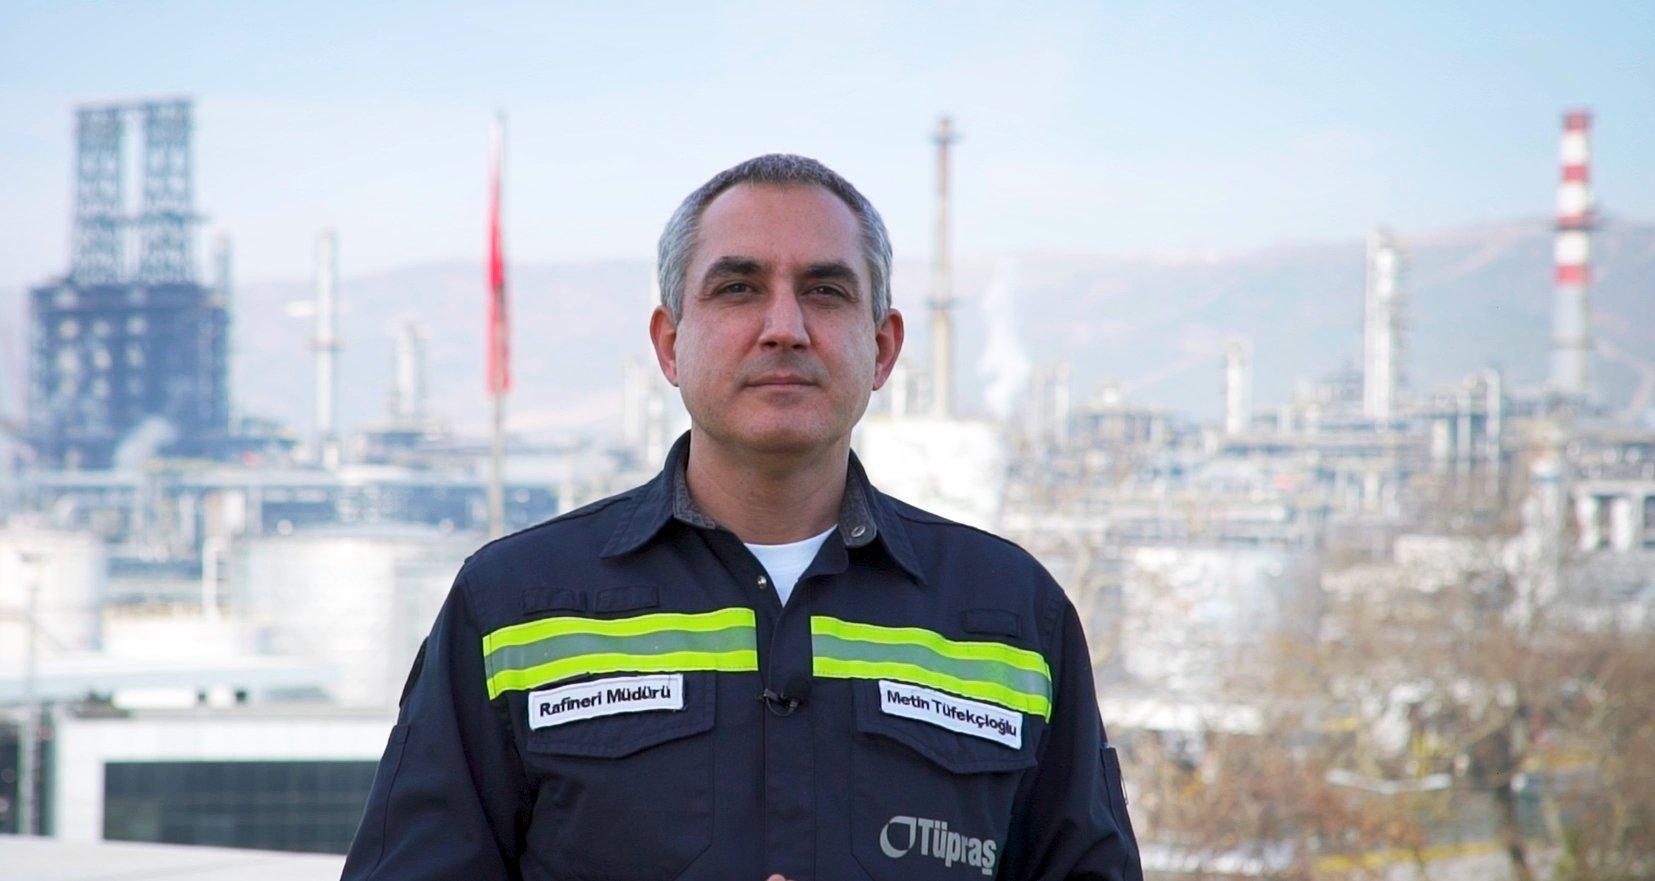 Tüpraş Izmit Refinery Manager Metin Tüfekçioğlu. (Courtesy of Tüpraş)